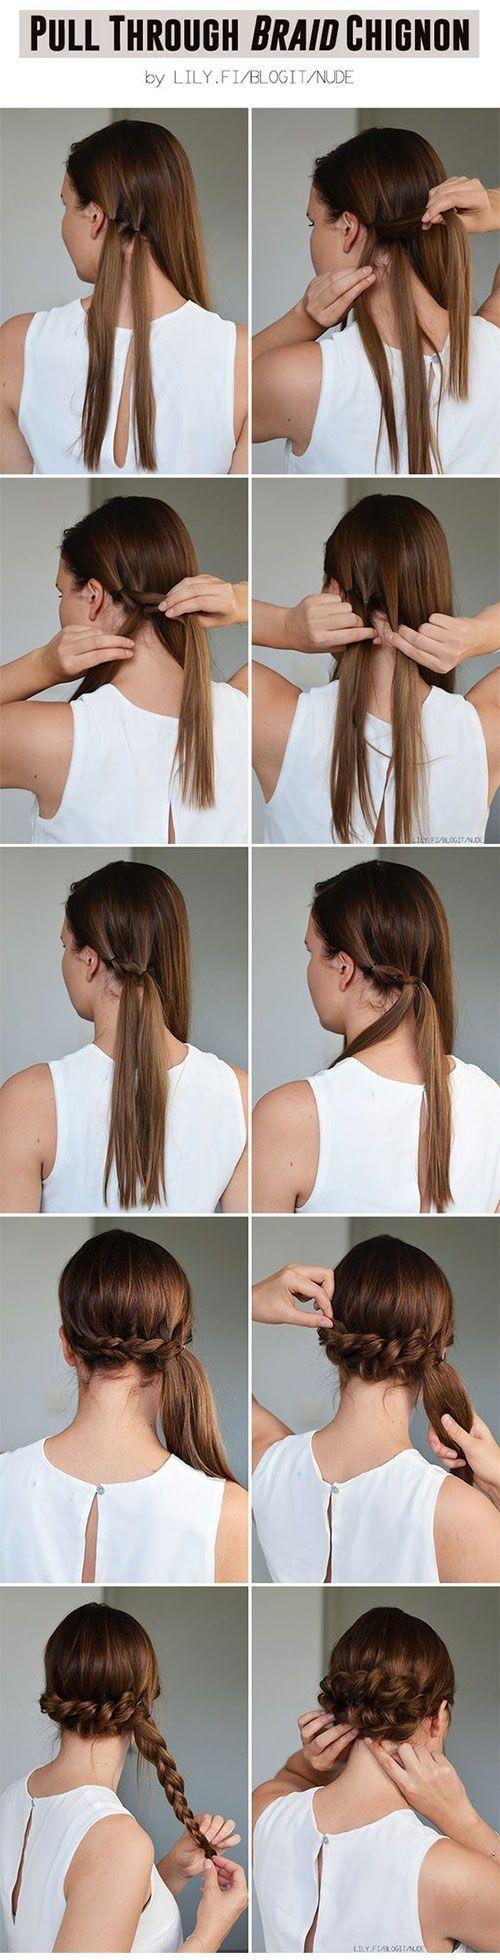 Hochsteckfrisuren für Mädchen mit langen Haaren - Einfache Frisur Anleitung für